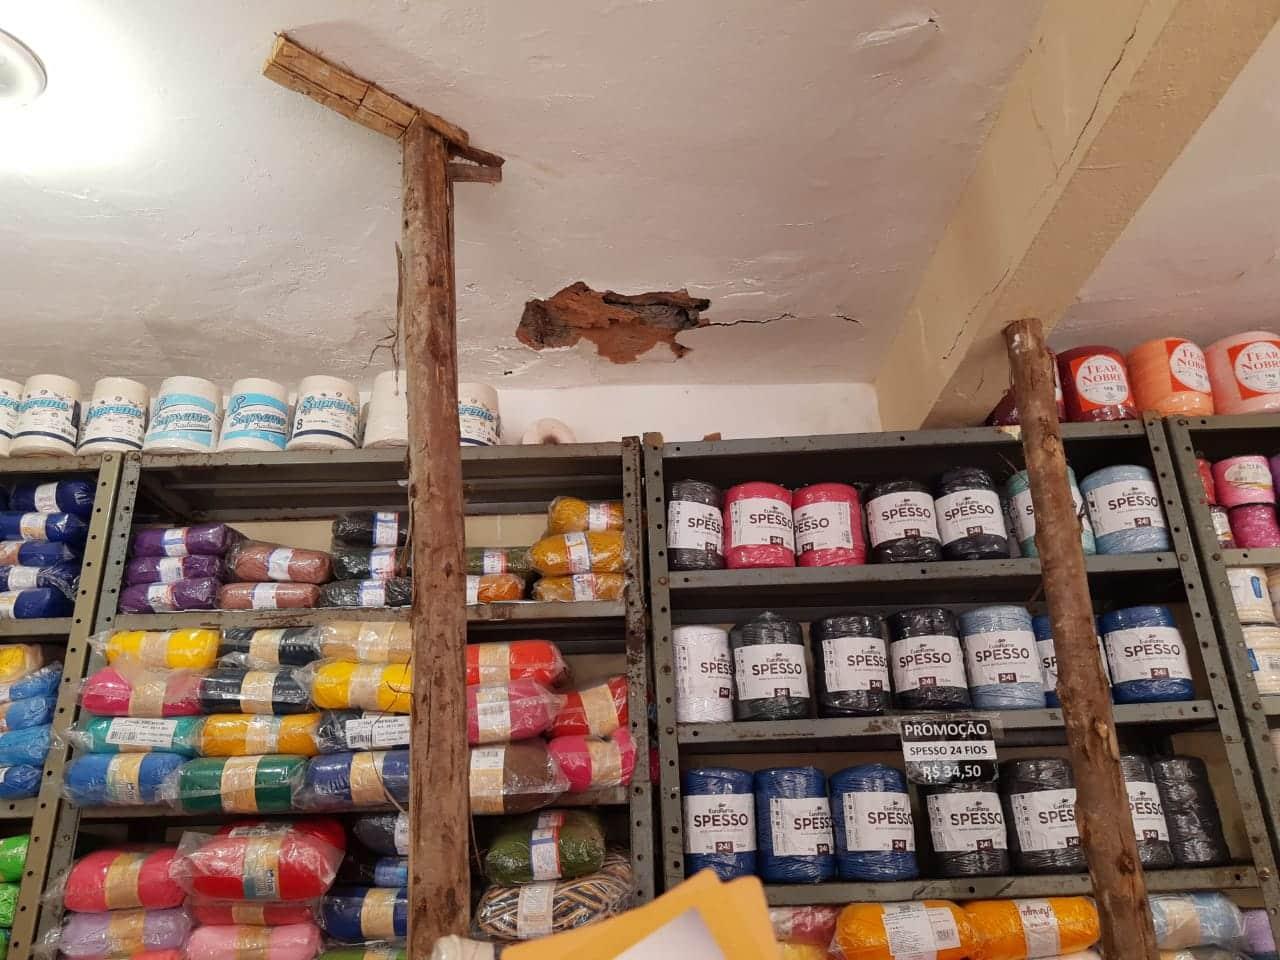 """""""Começaram a quebrar a loja, trincou a parede, começou a cair o teto da loja com funcionários e clientes dentro"""", afima comerciante."""